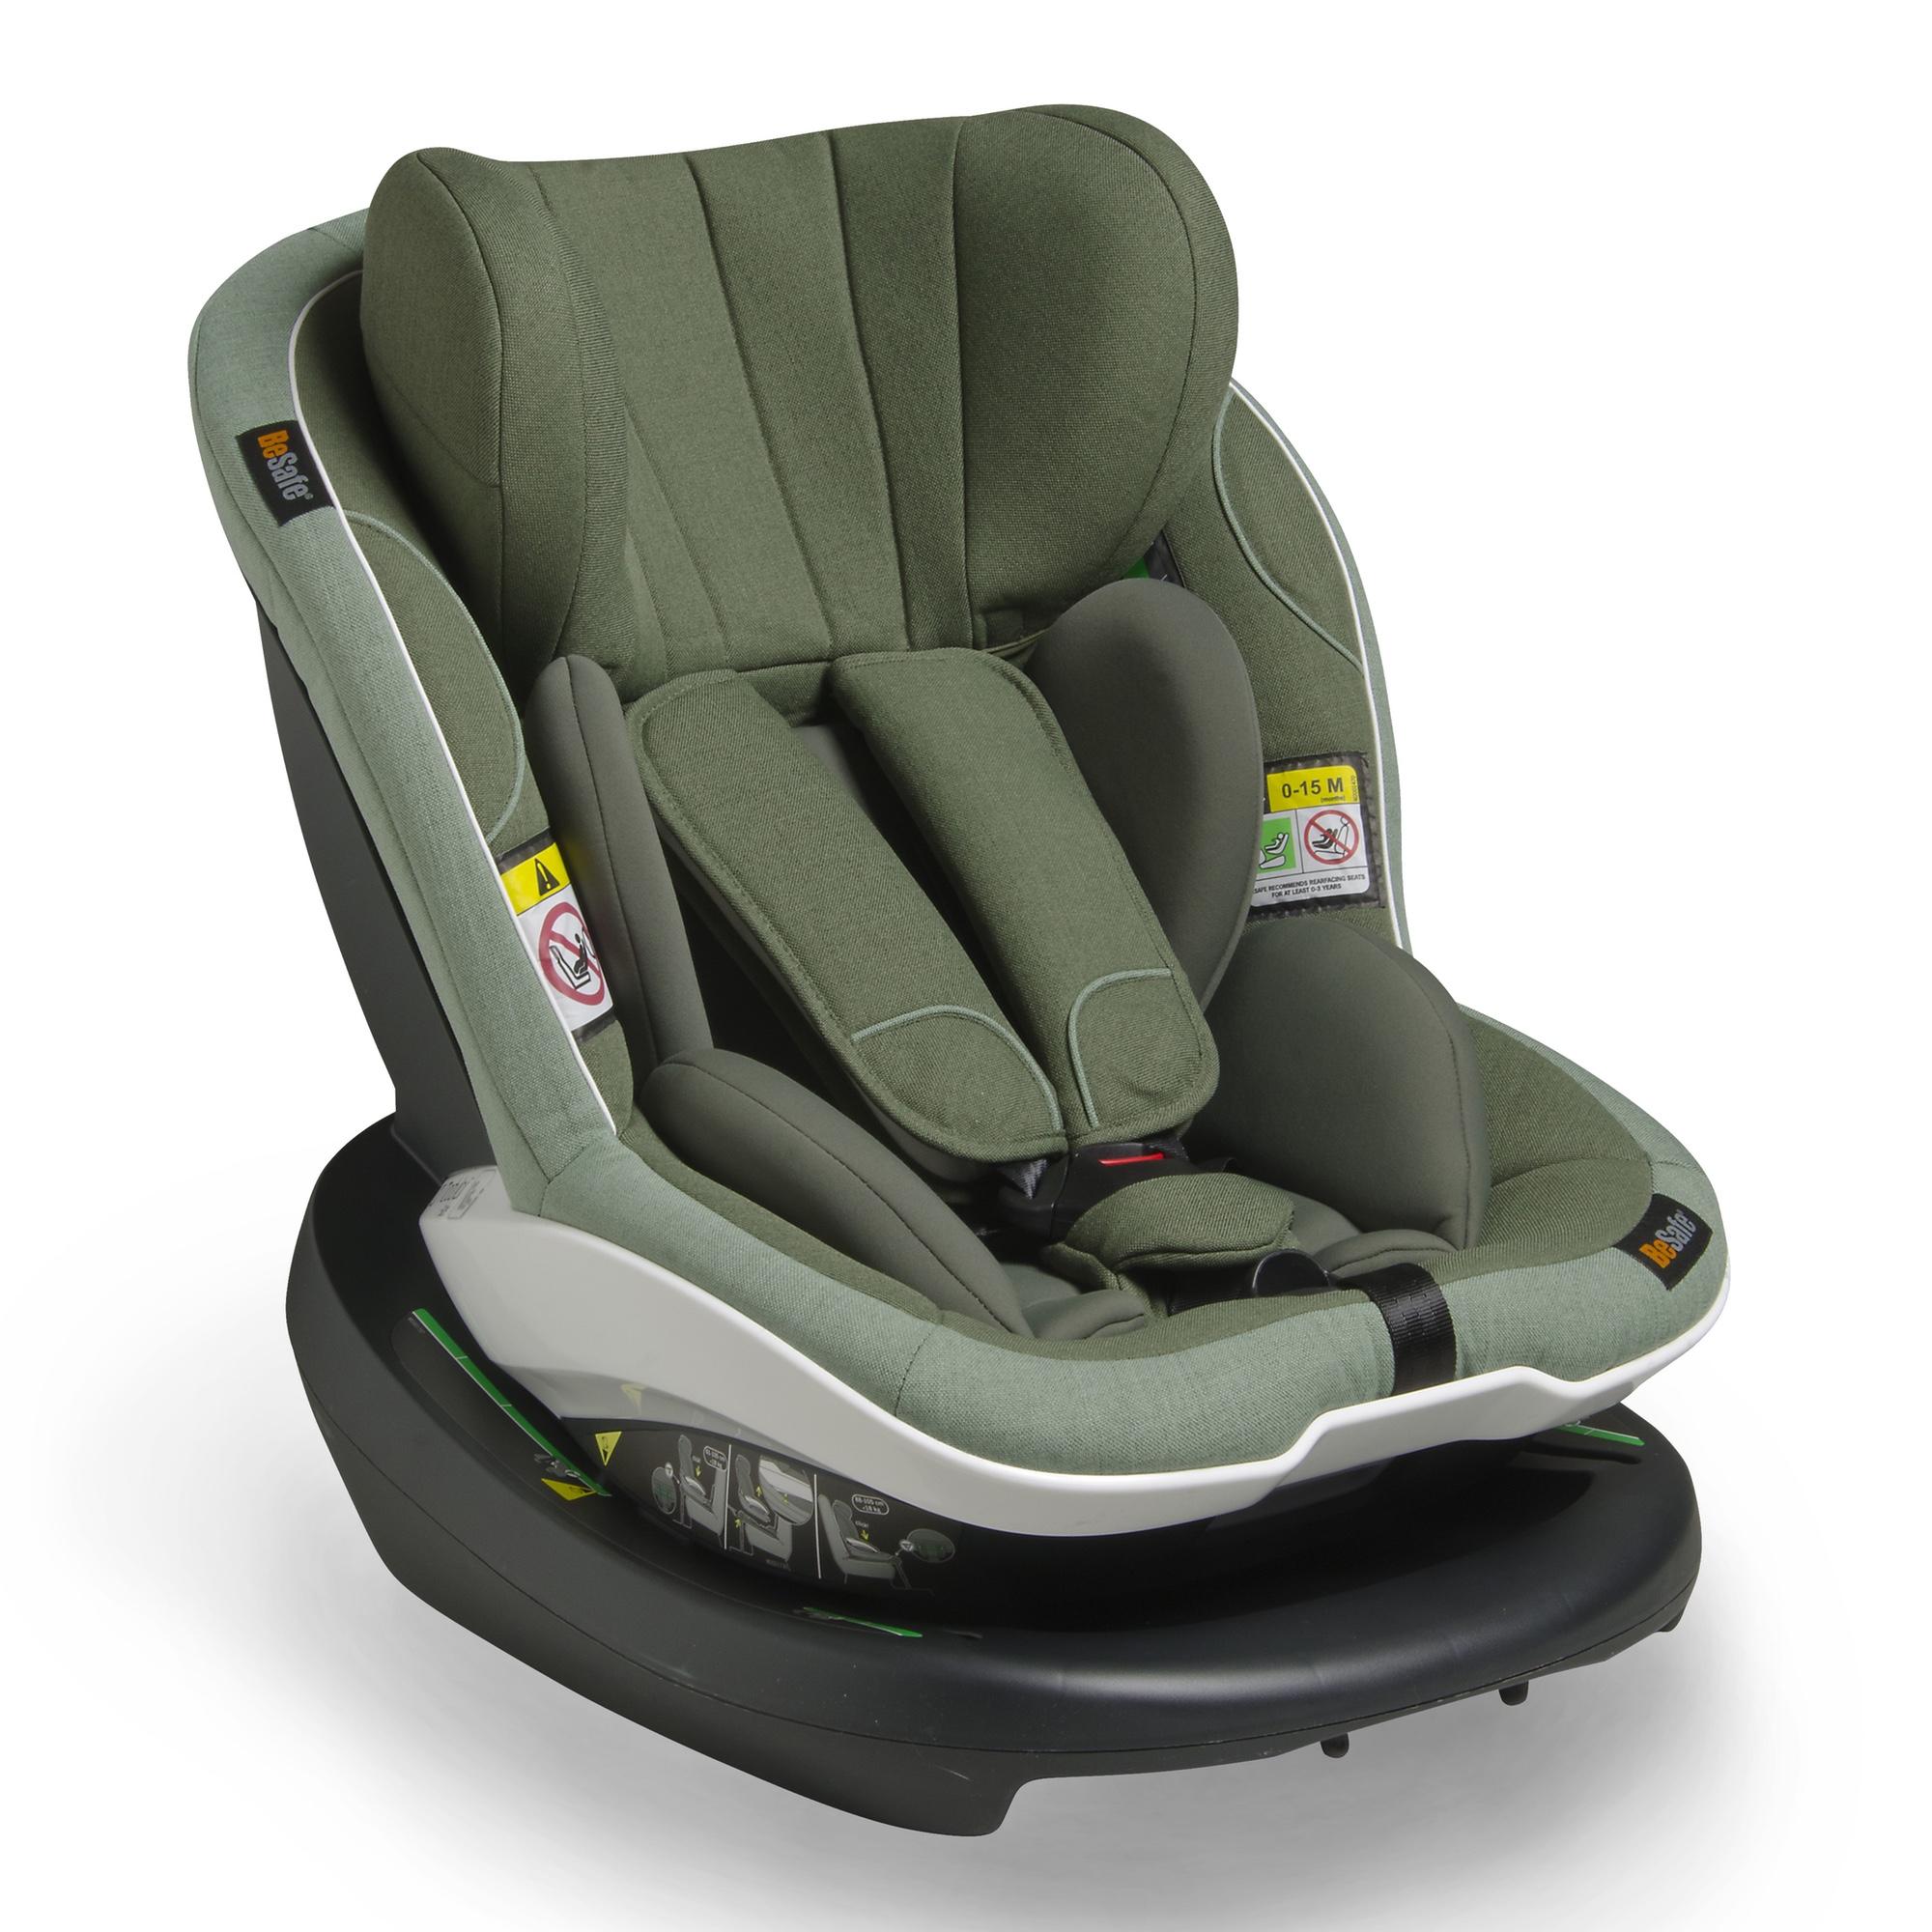 reboarder kindersitz die zwergperten babyschalen. Black Bedroom Furniture Sets. Home Design Ideas